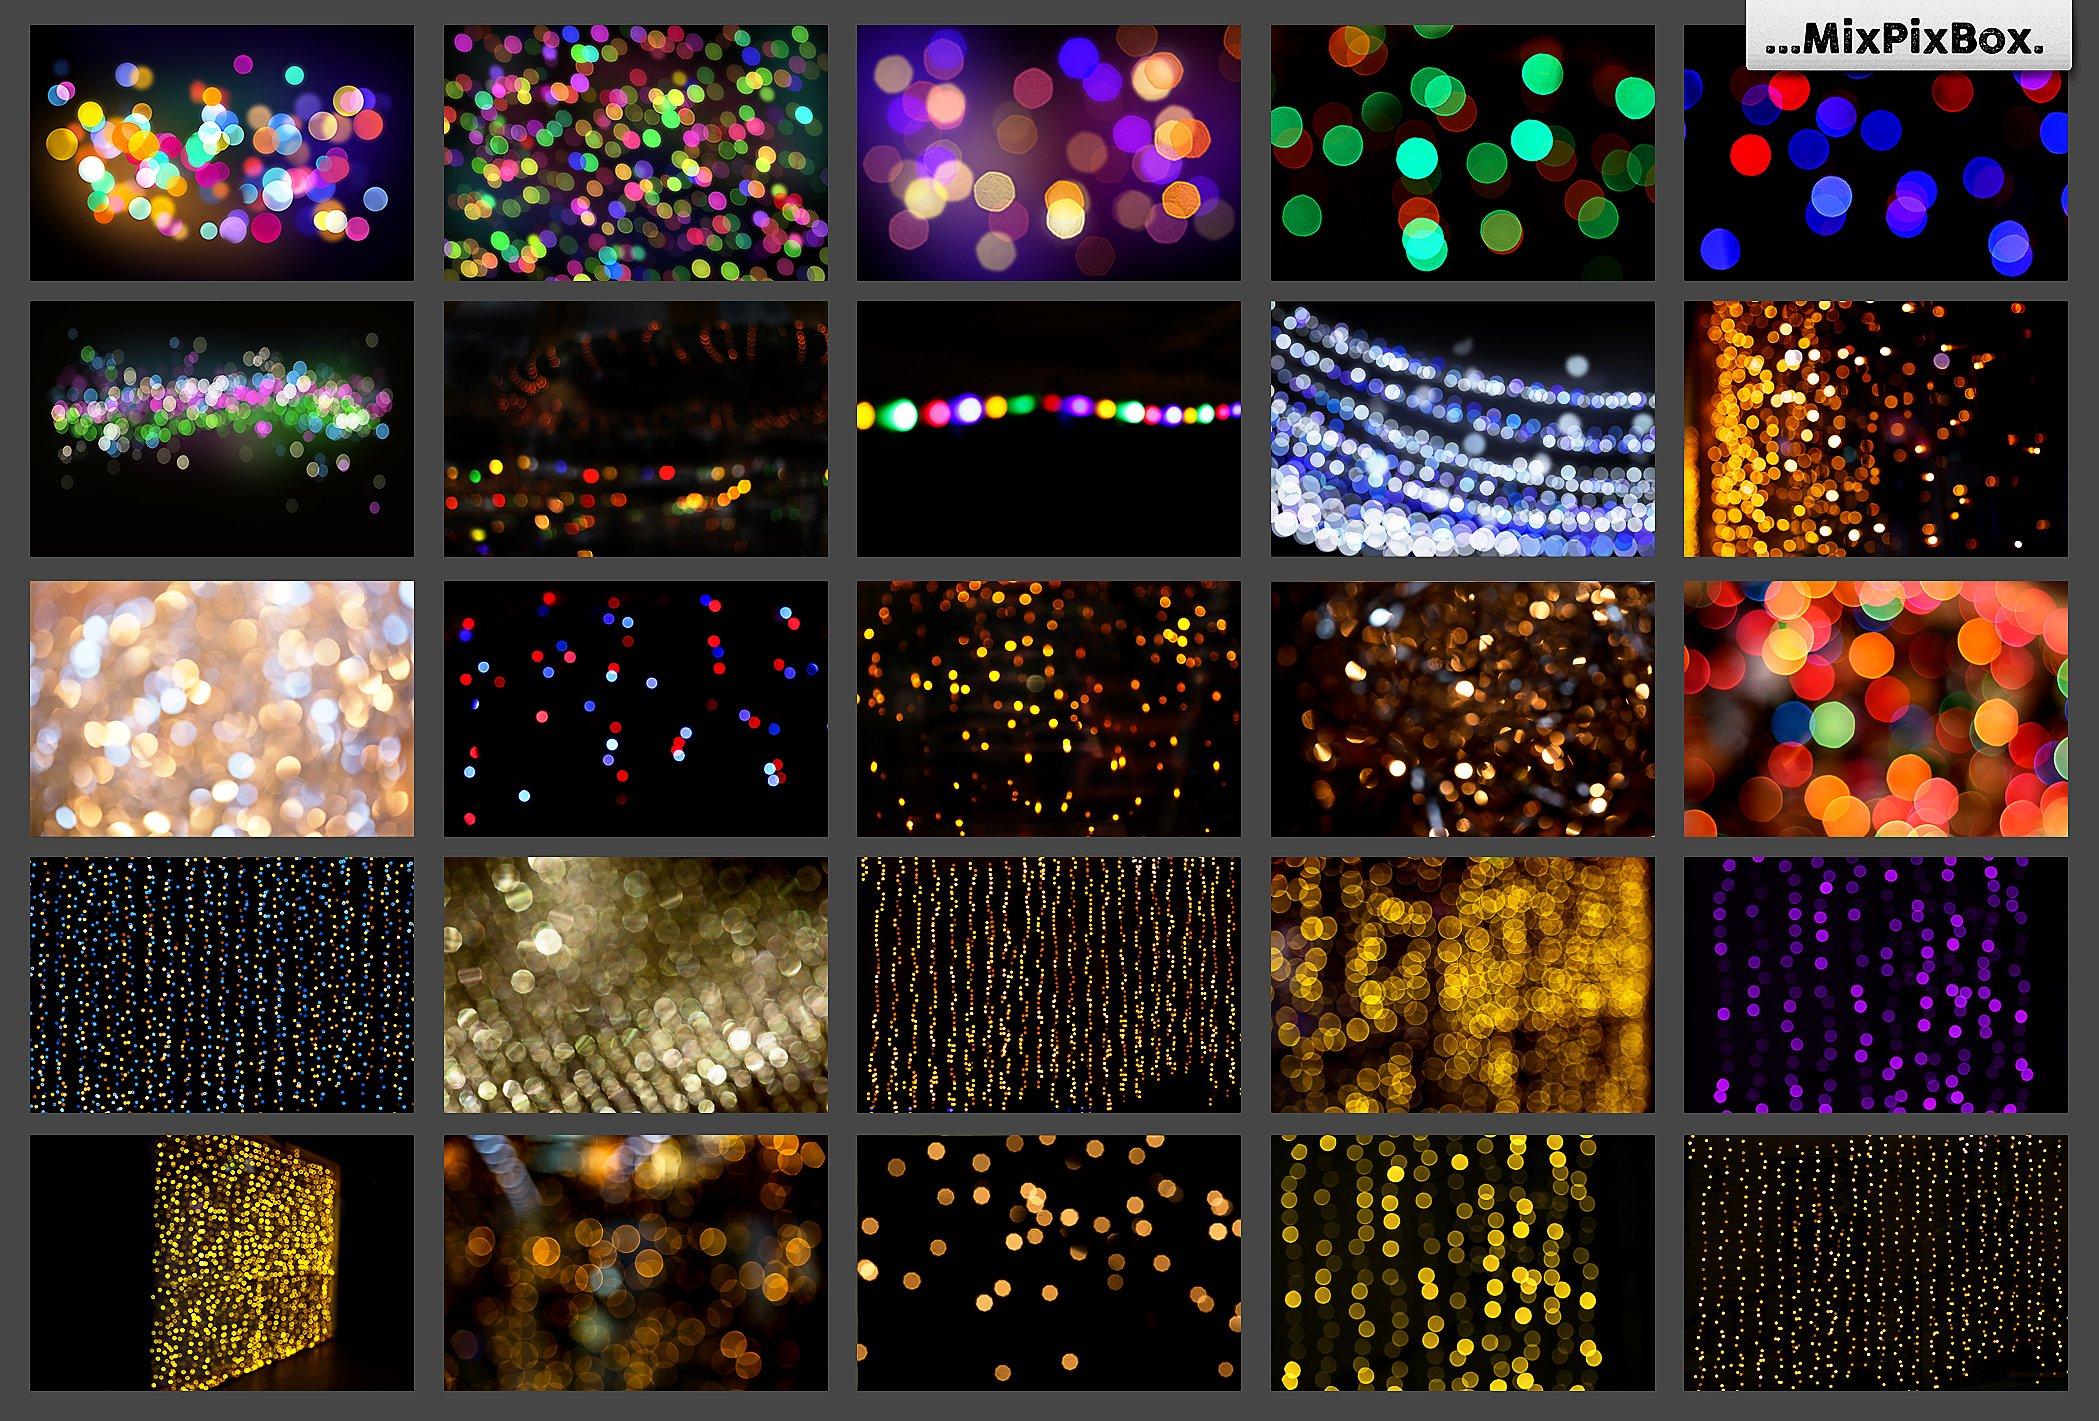 100 Bokeh Photo Overlays example image 5